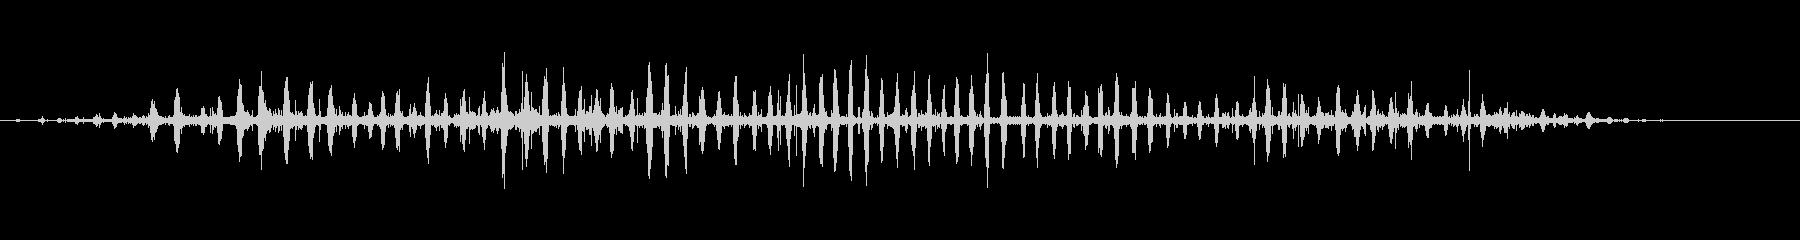 スノート・ヘッジホッグの未再生の波形